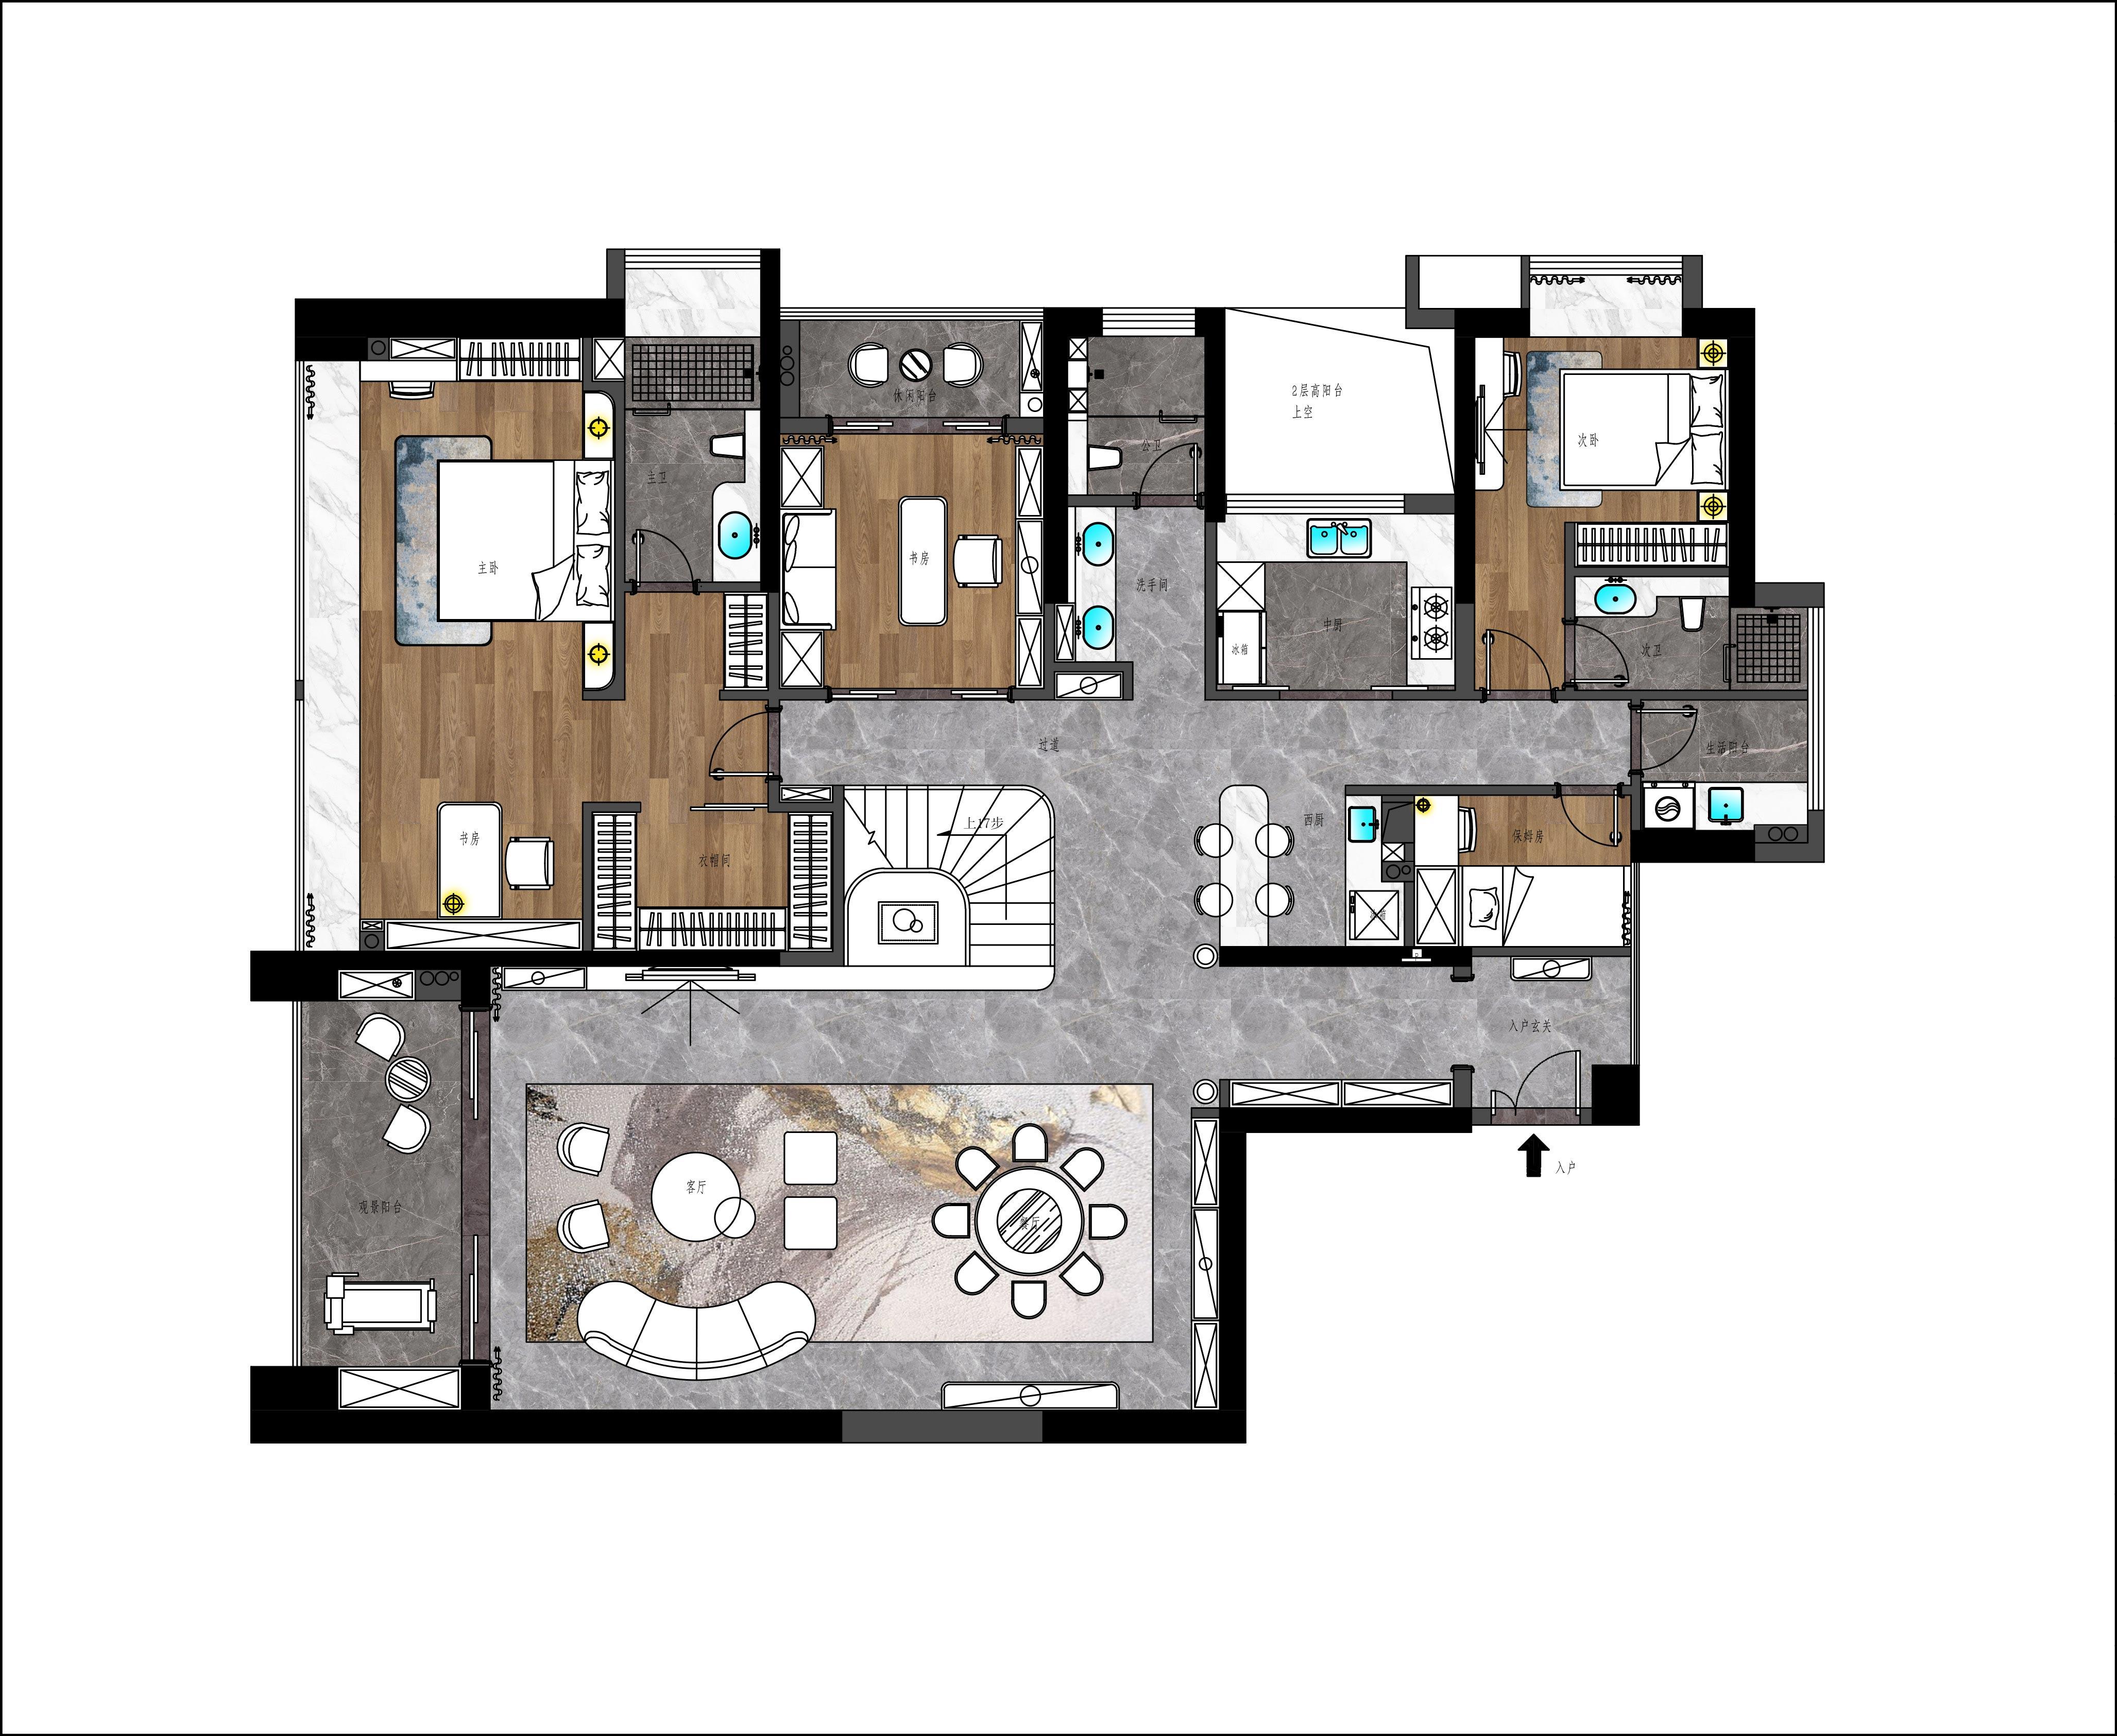 绿景红树湾壹号300平米-轻奢风格设计-高端别墅装修案例装修设计理念